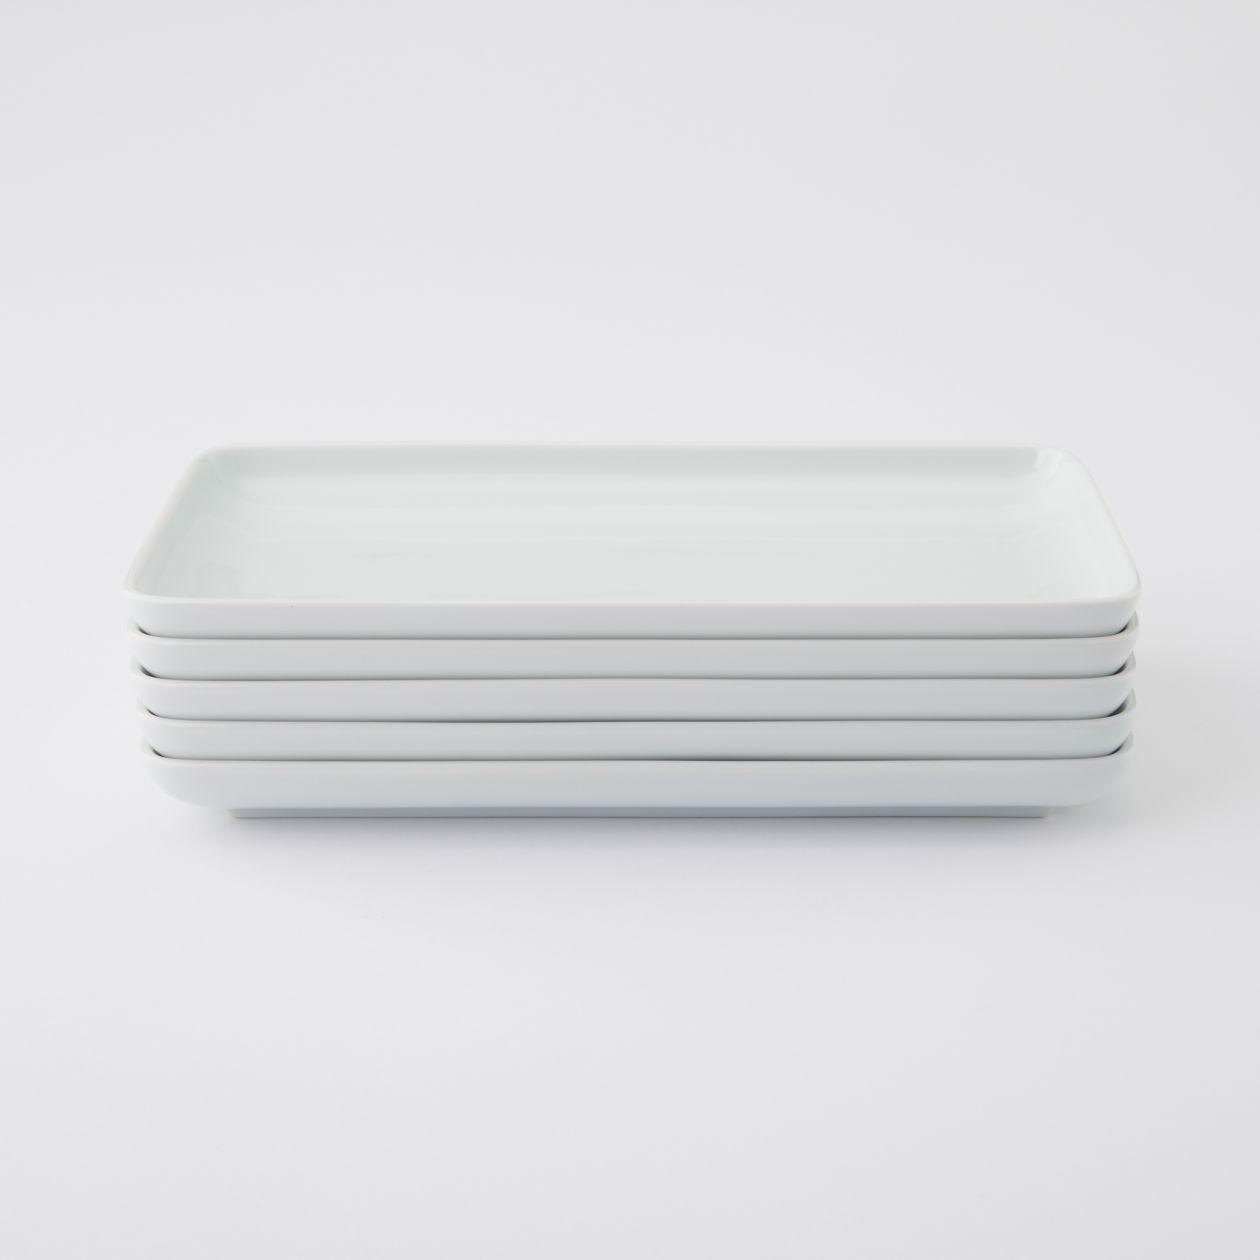 【まとめ買い】白磁角皿